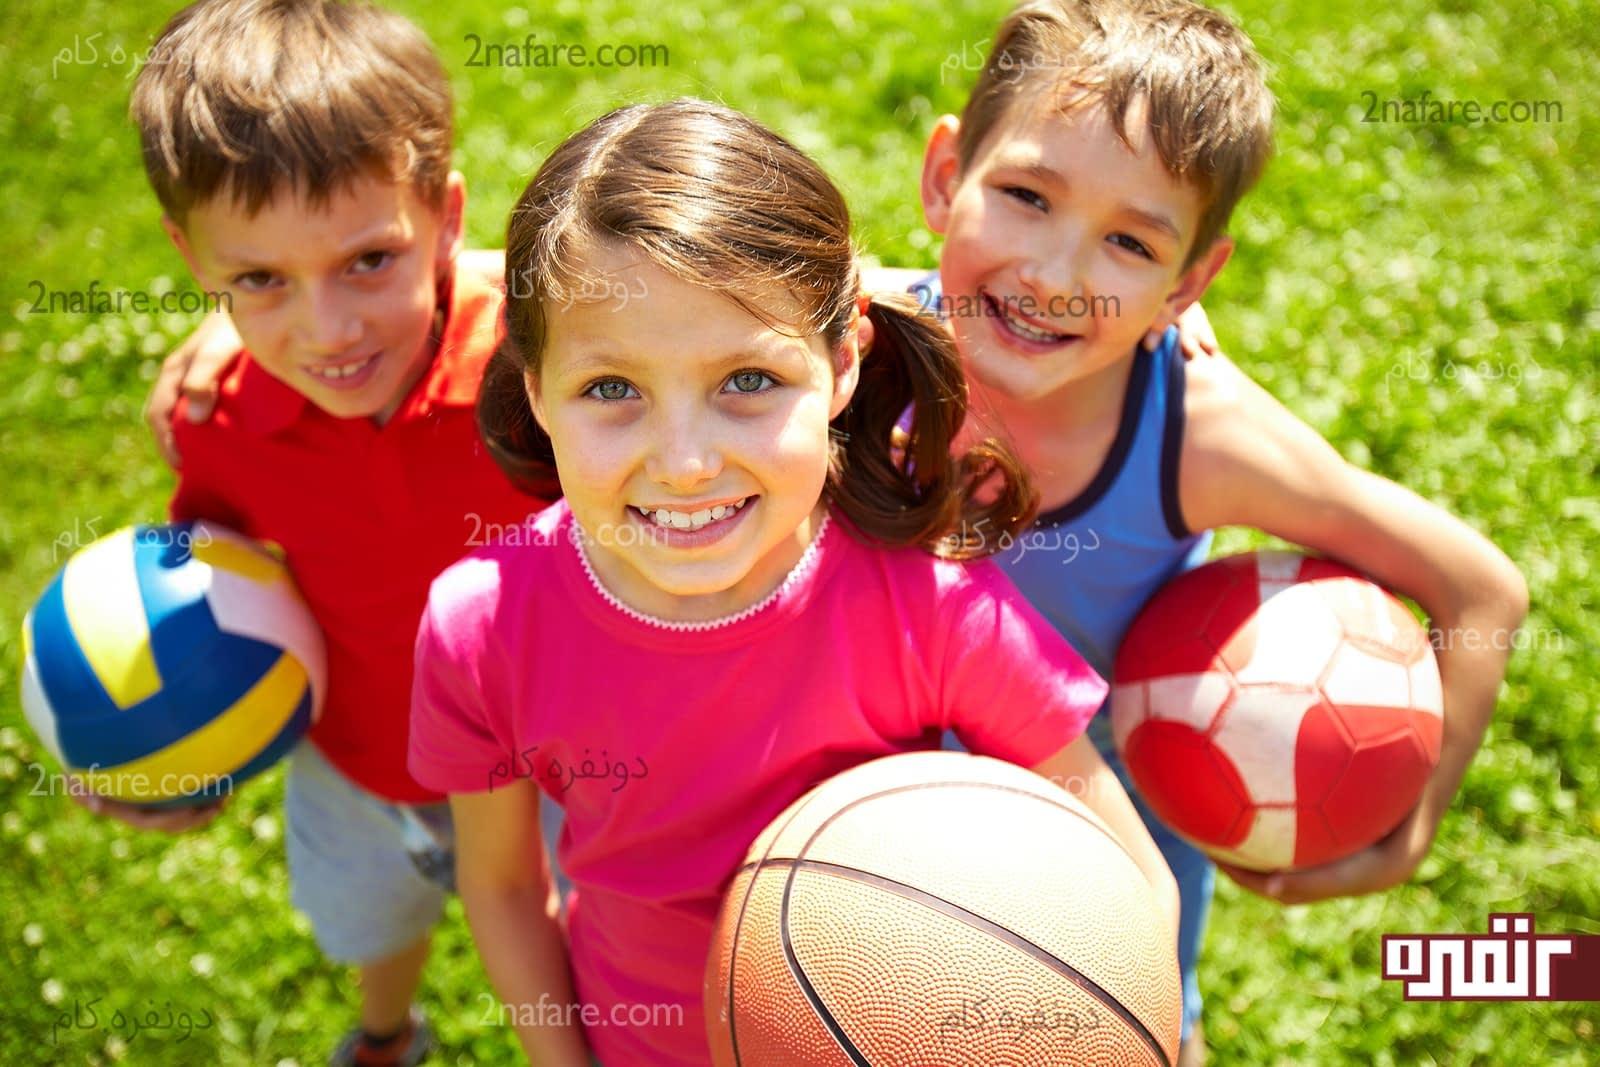 5 بیماری رایج کودکان در فصل تابستان